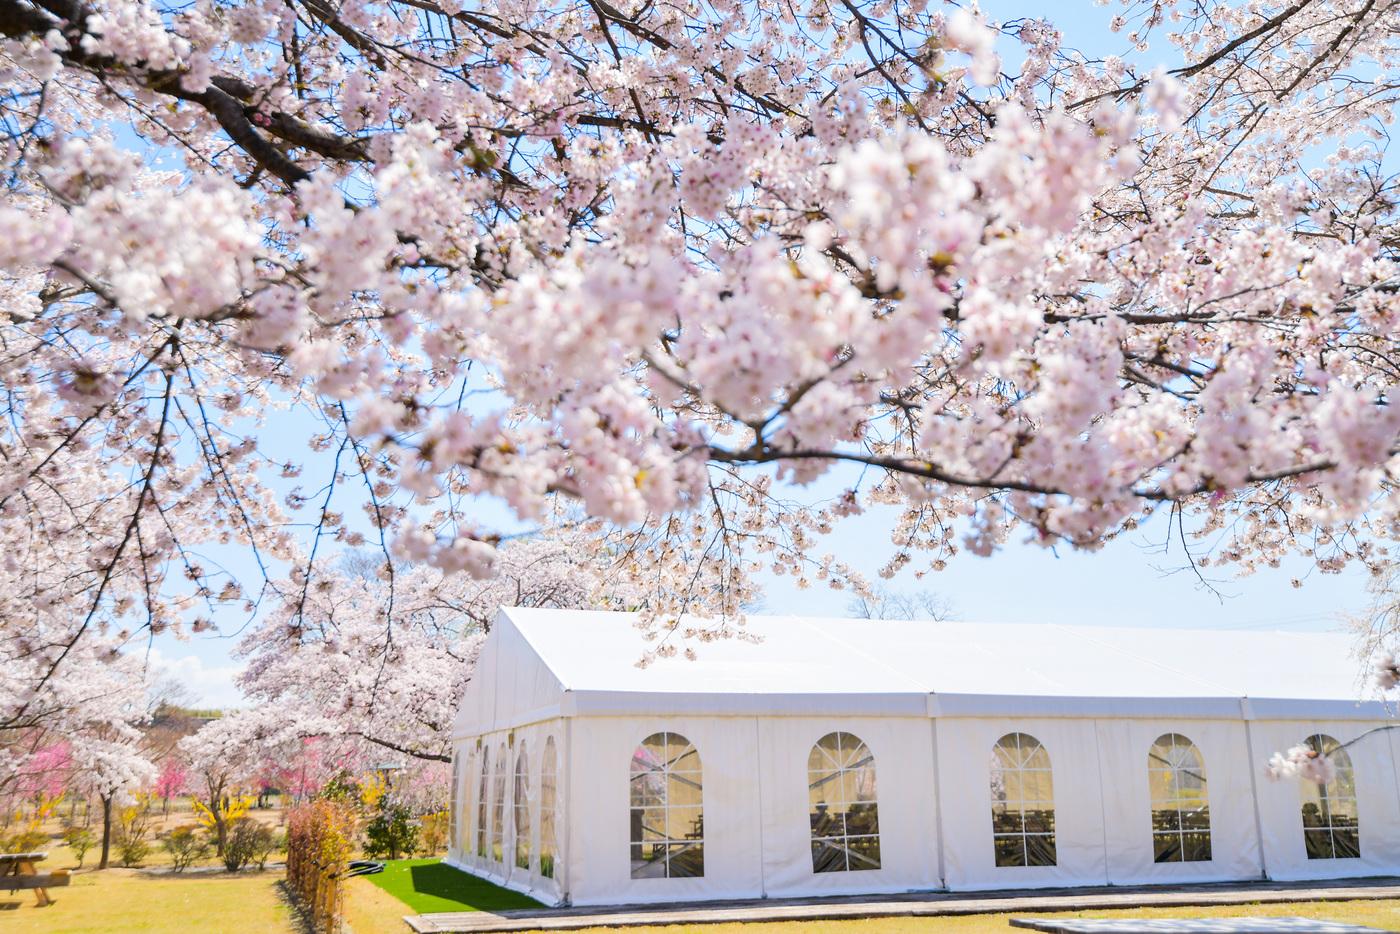 【お知らせ】お花見弁当つき ガーデンYOGAリラックス 4月18日(日)